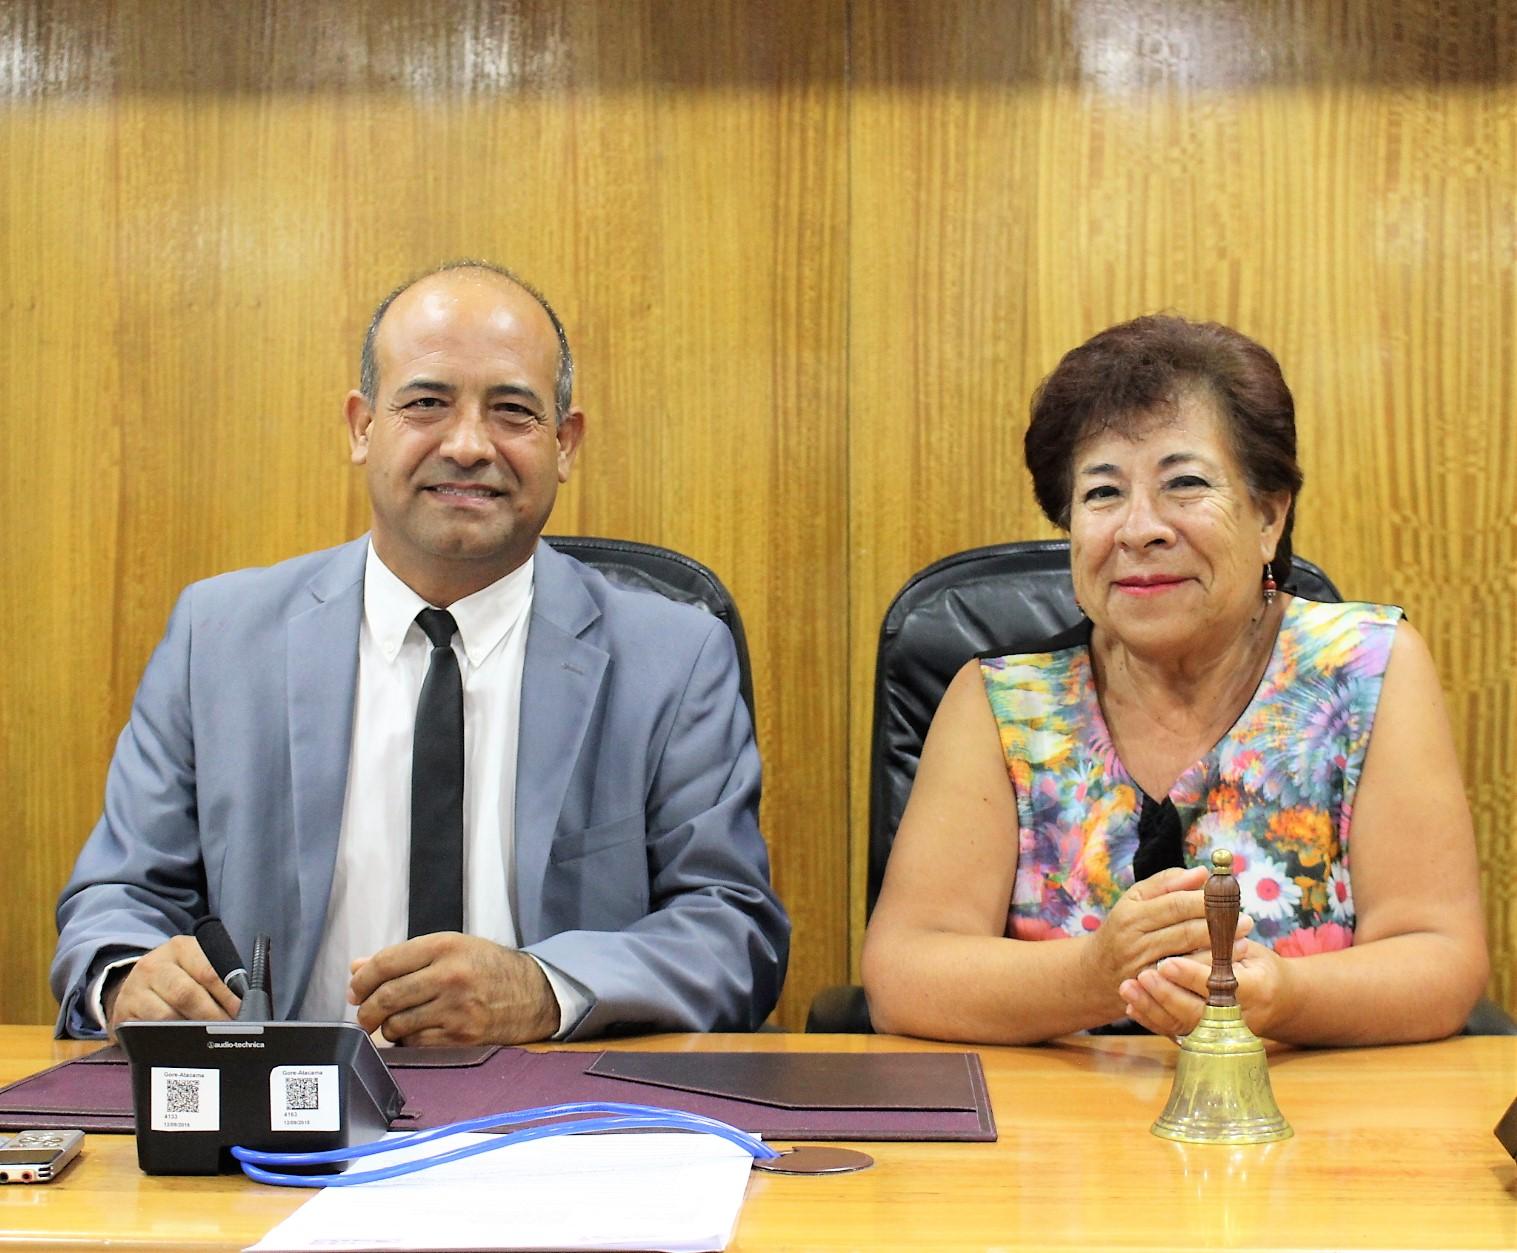 Consejera Ruth Vega asume Presidencia del Consejo Regional de Atacama